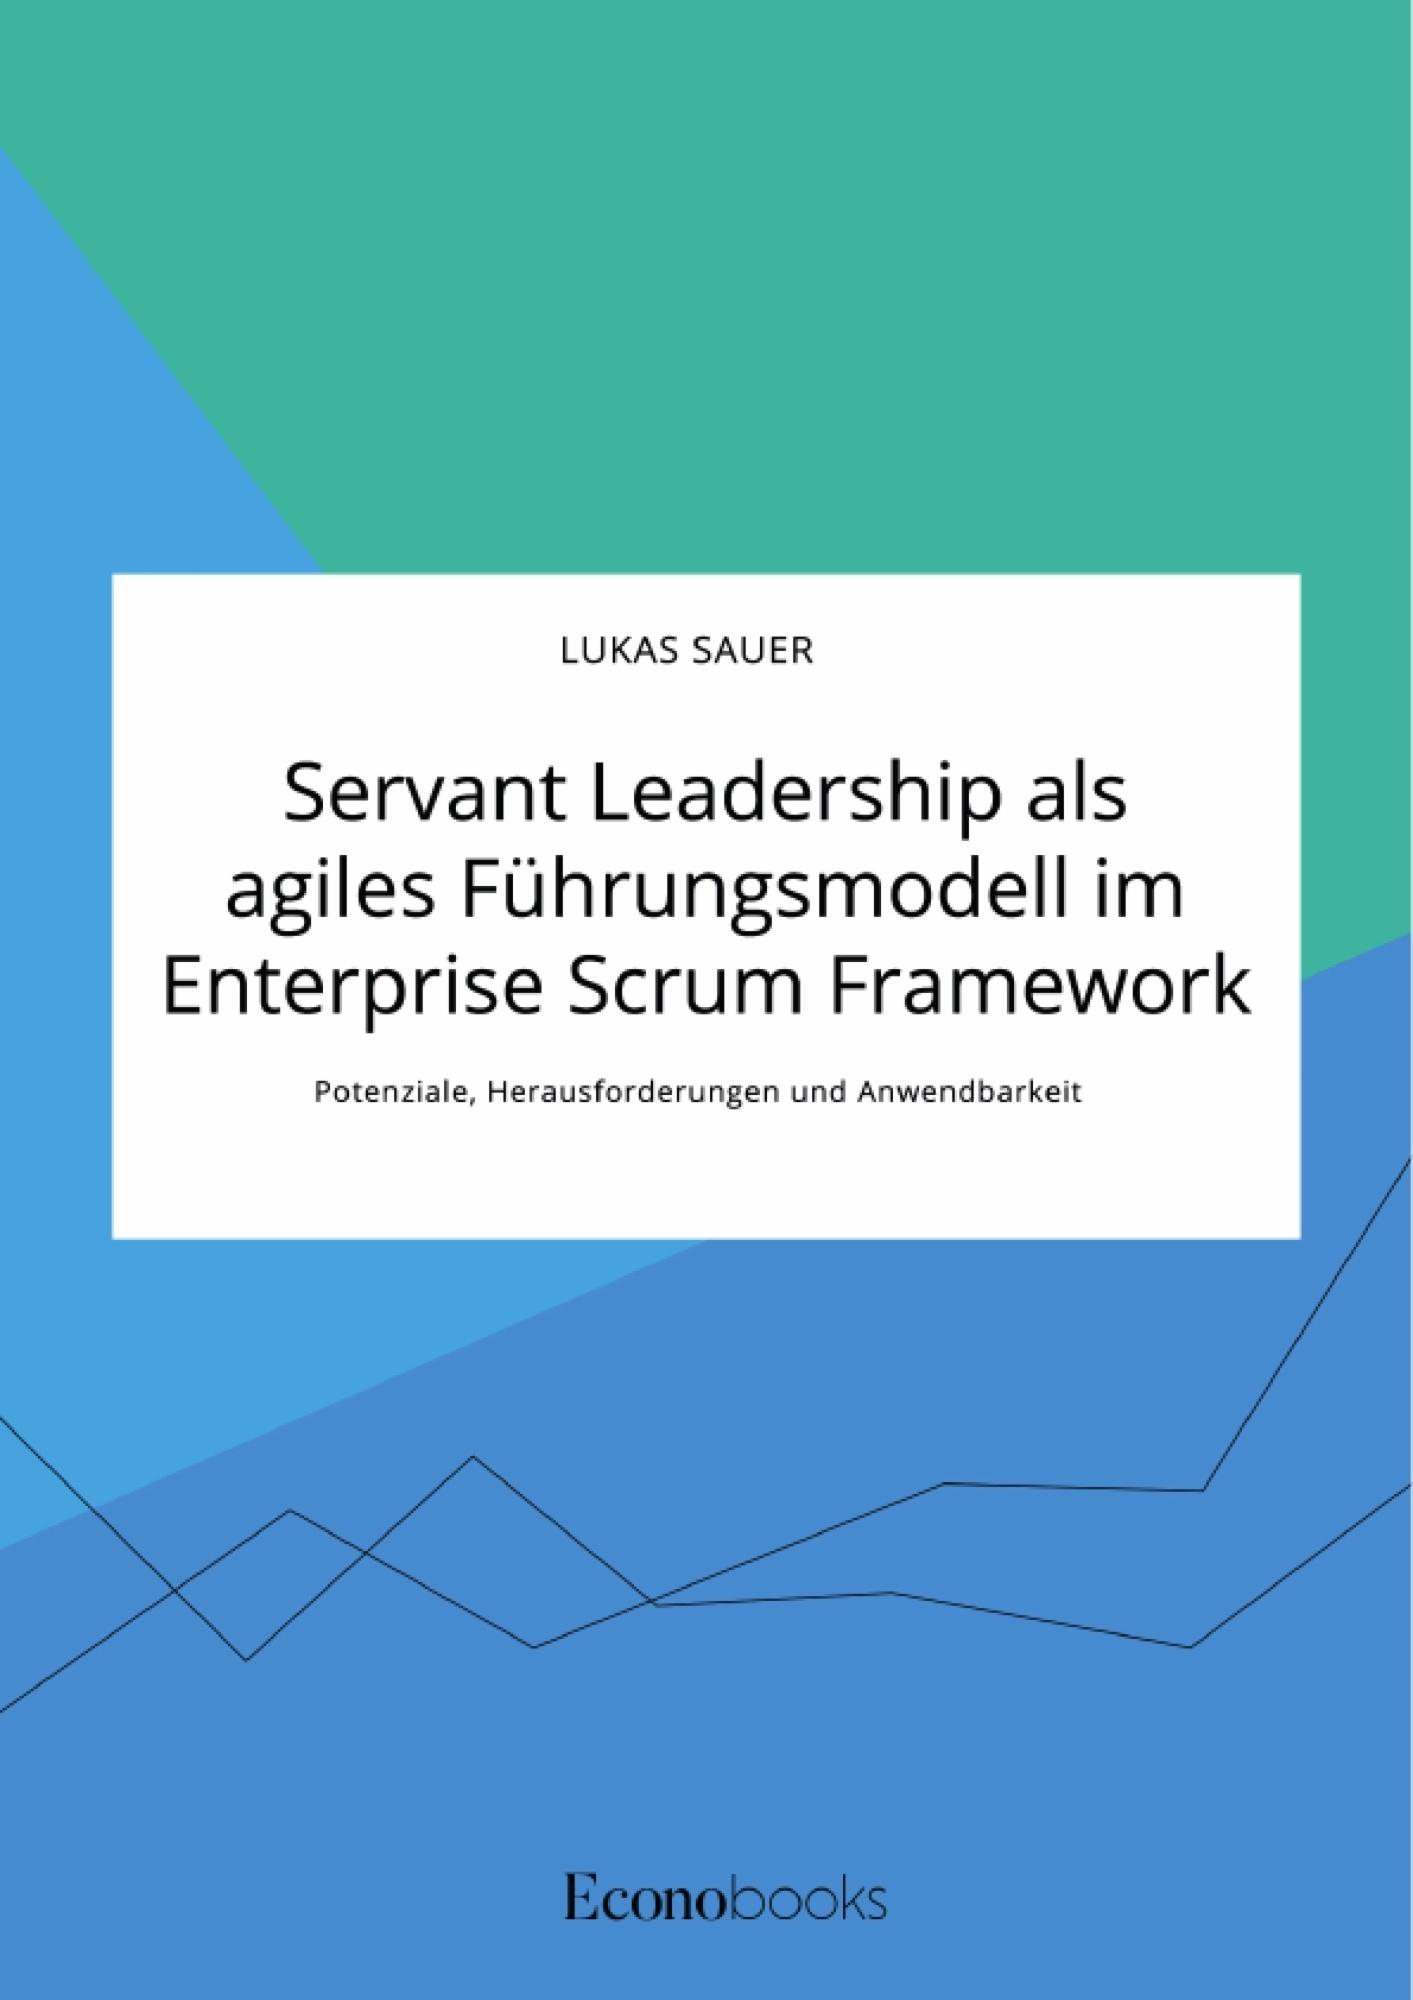 Titel: Servant Leadership als agiles Führungsmodell im Enterprise Scrum Framework. Potenziale, Herausforderungen und Anwendbarkeit